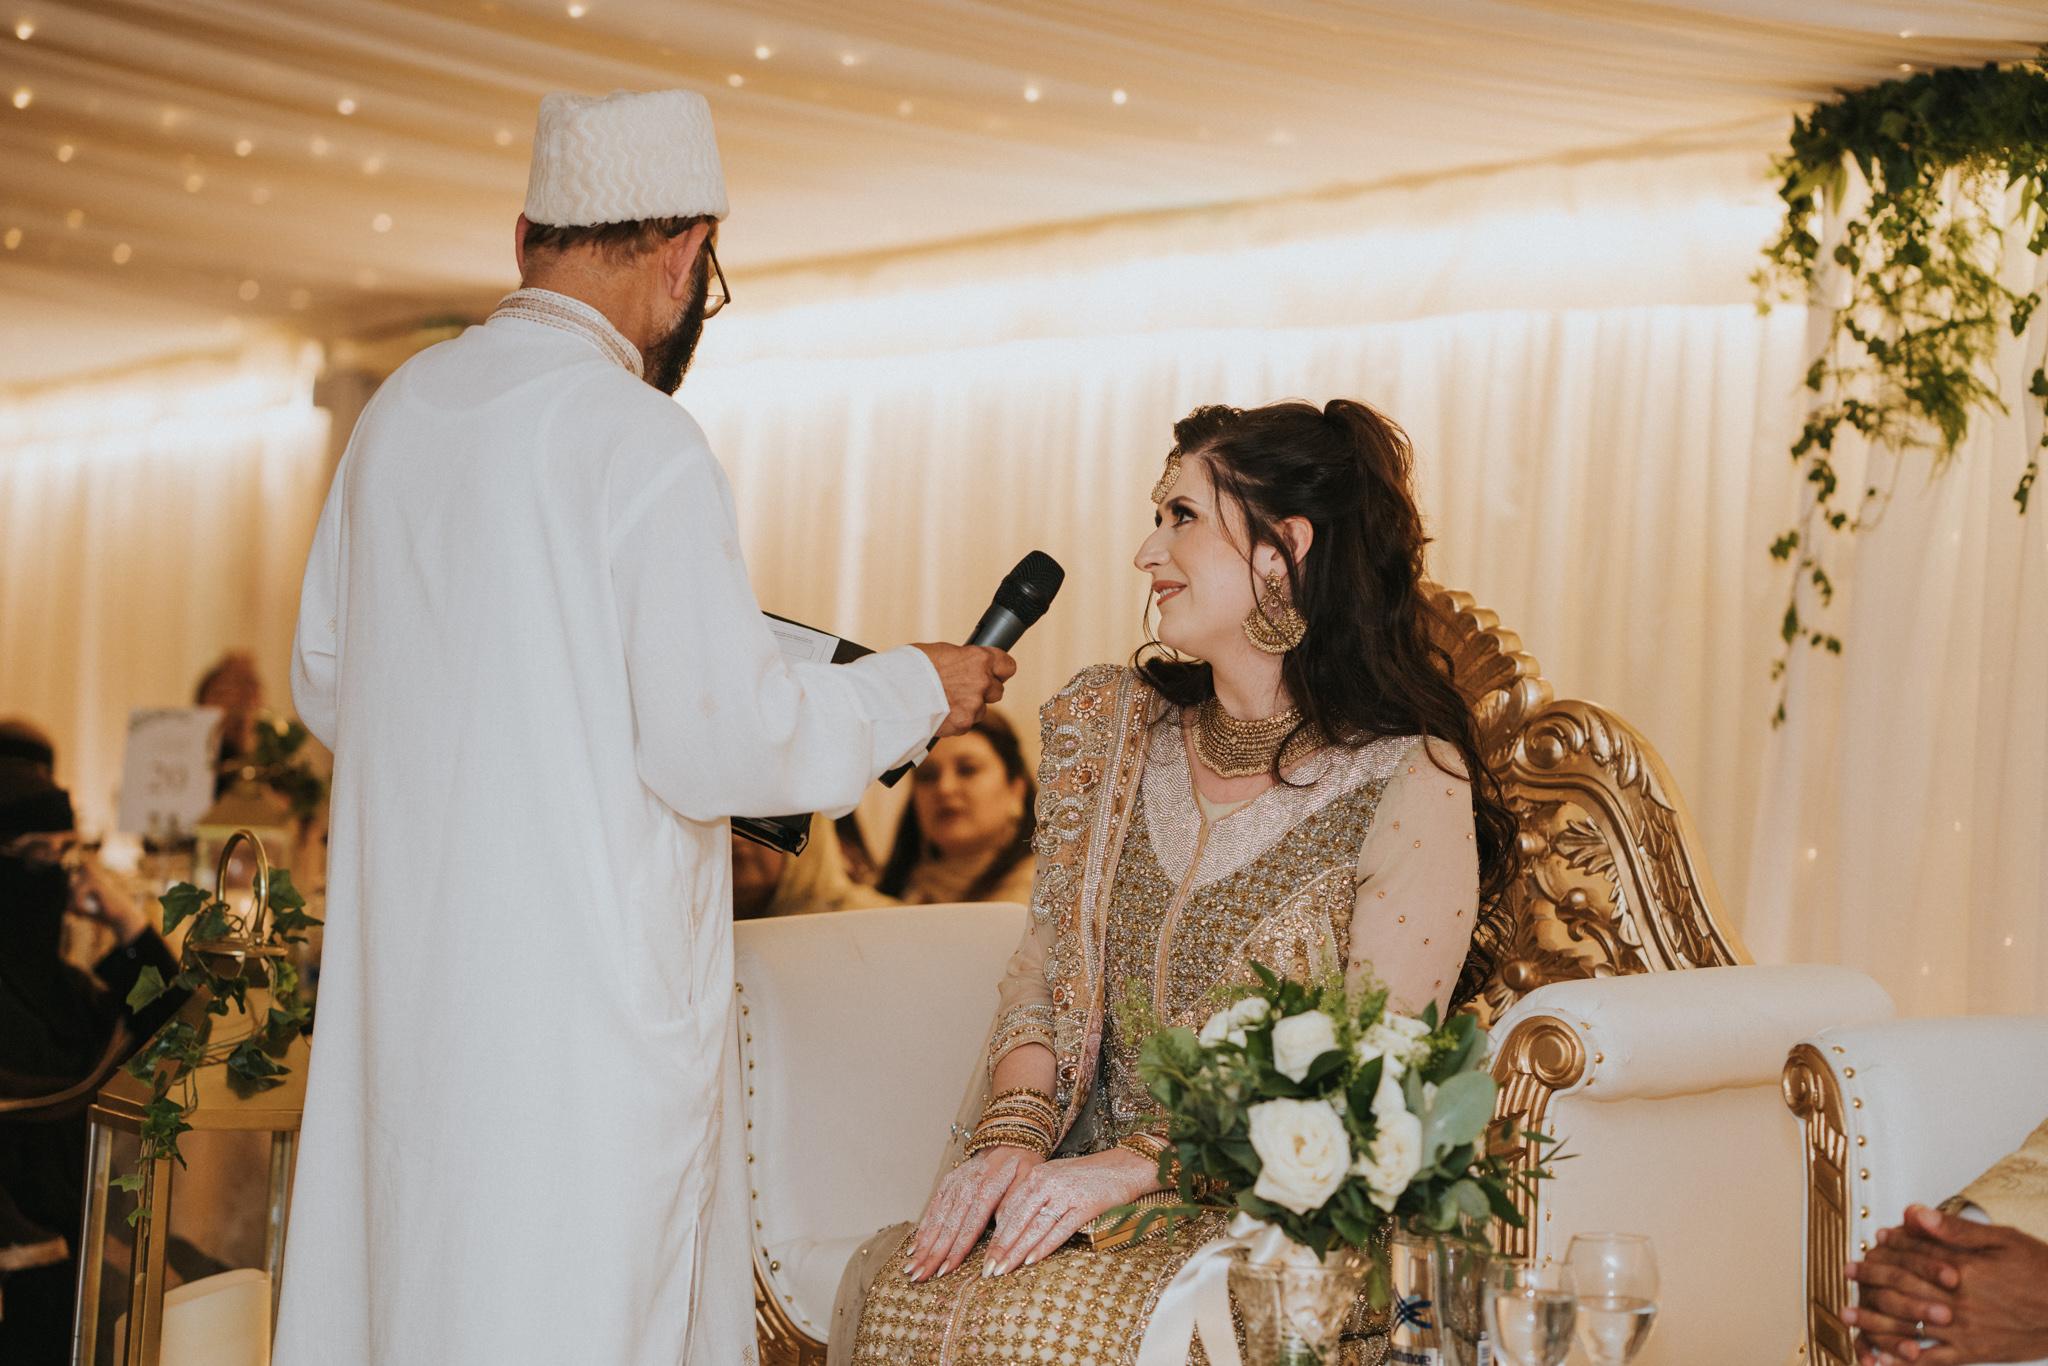 lizzie-faz-fennes-asian-fusion-wedding-grace-elizabeth-colchester-essex-alternative-wedding-lifestyle-photographer-essex-suffolk-norfolk-devon (48 of 55).jpg